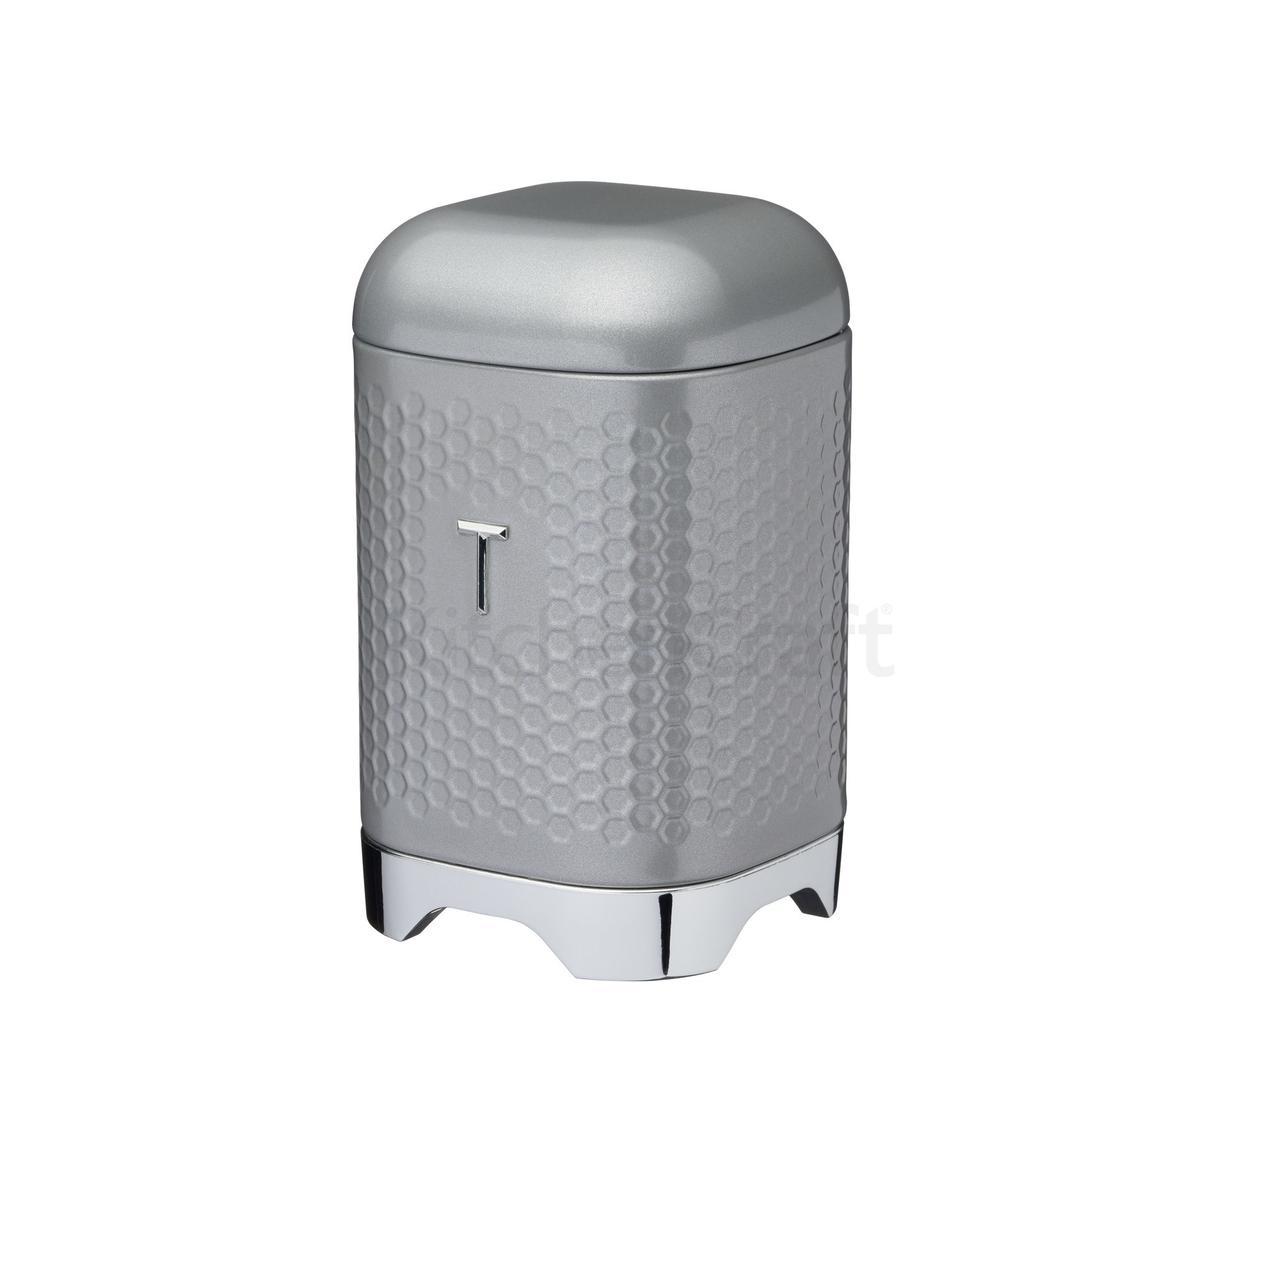 LovG Емкость для чая металлическая серая 11*11*19 см